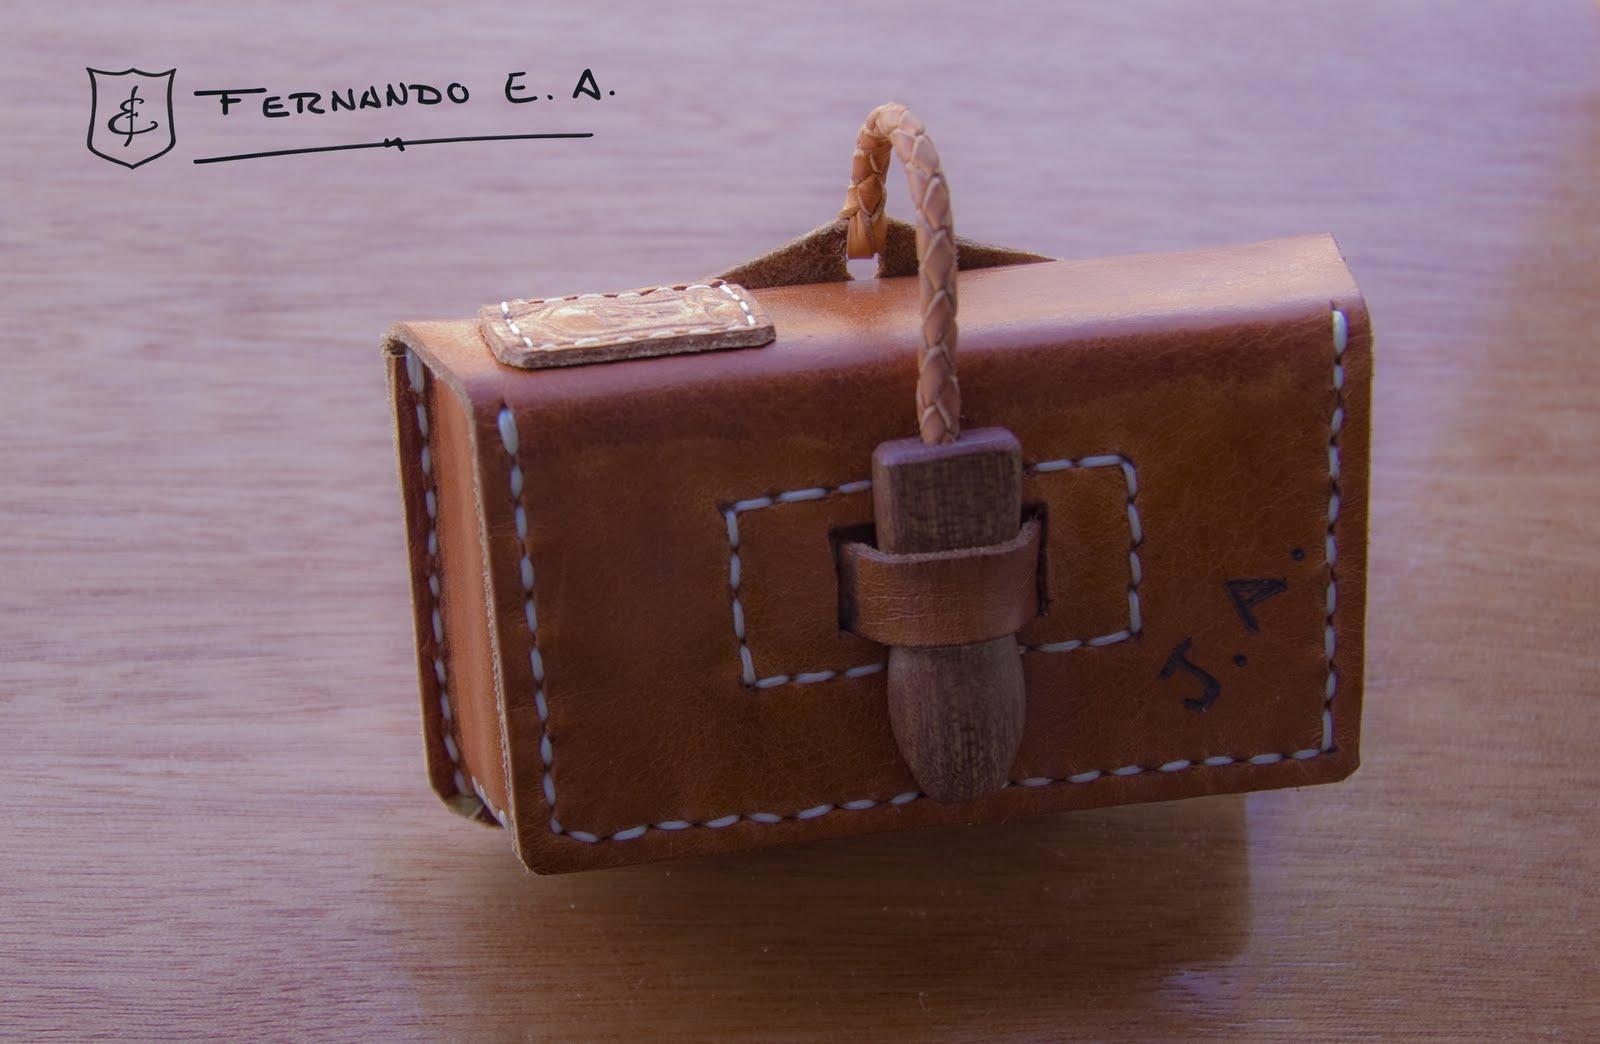 a174aca5416 Original funda de cuero para móvil, no me acuerdo del modelo de Nokia que  era.